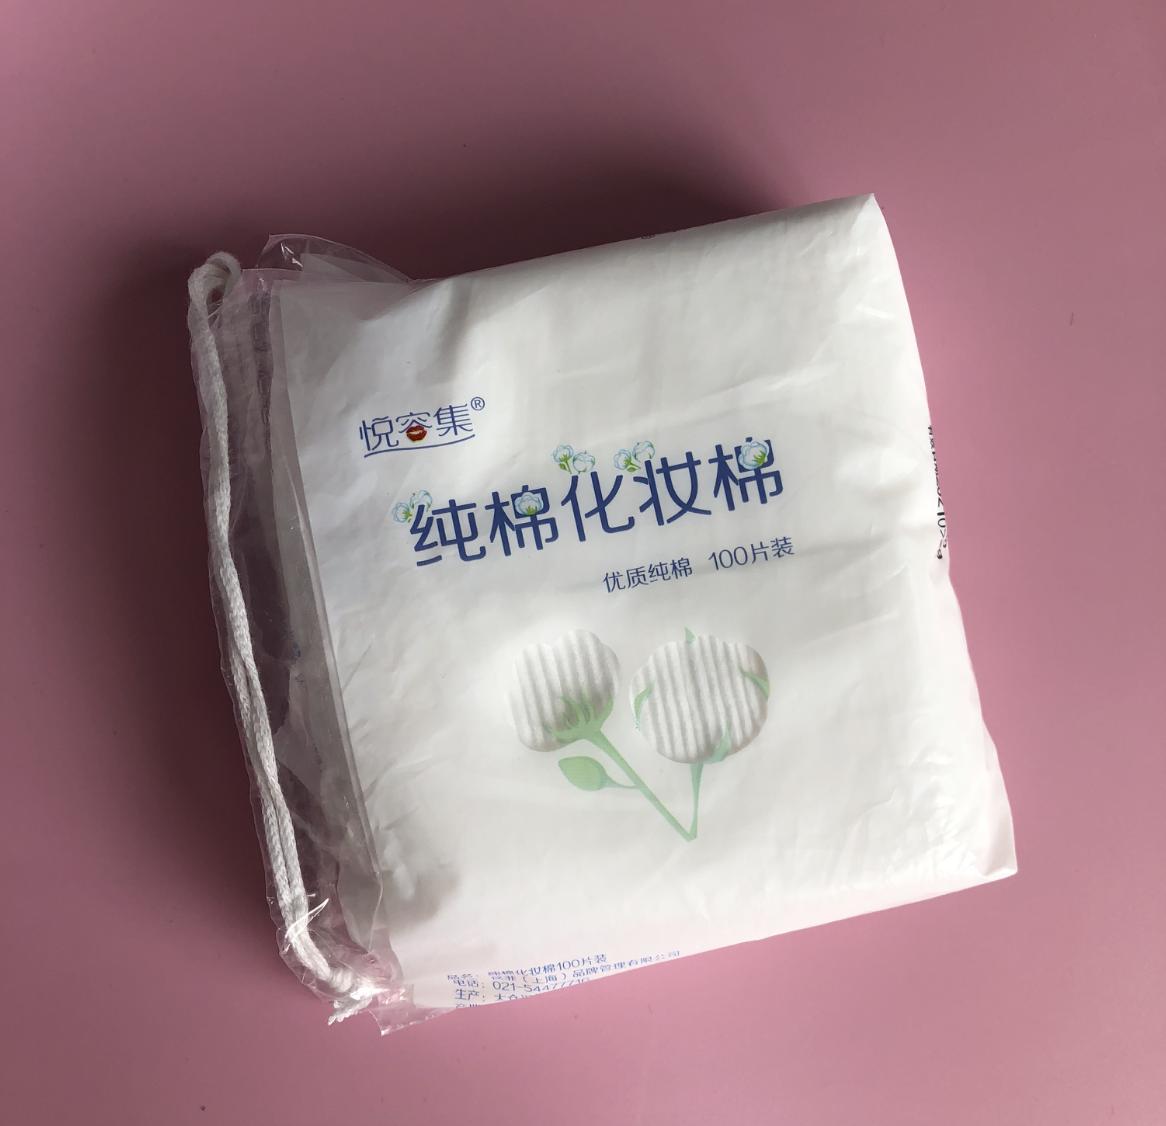 悦容集 纯棉化妆棉 不掉毛 卸妆 【100片一包】单买不发货!